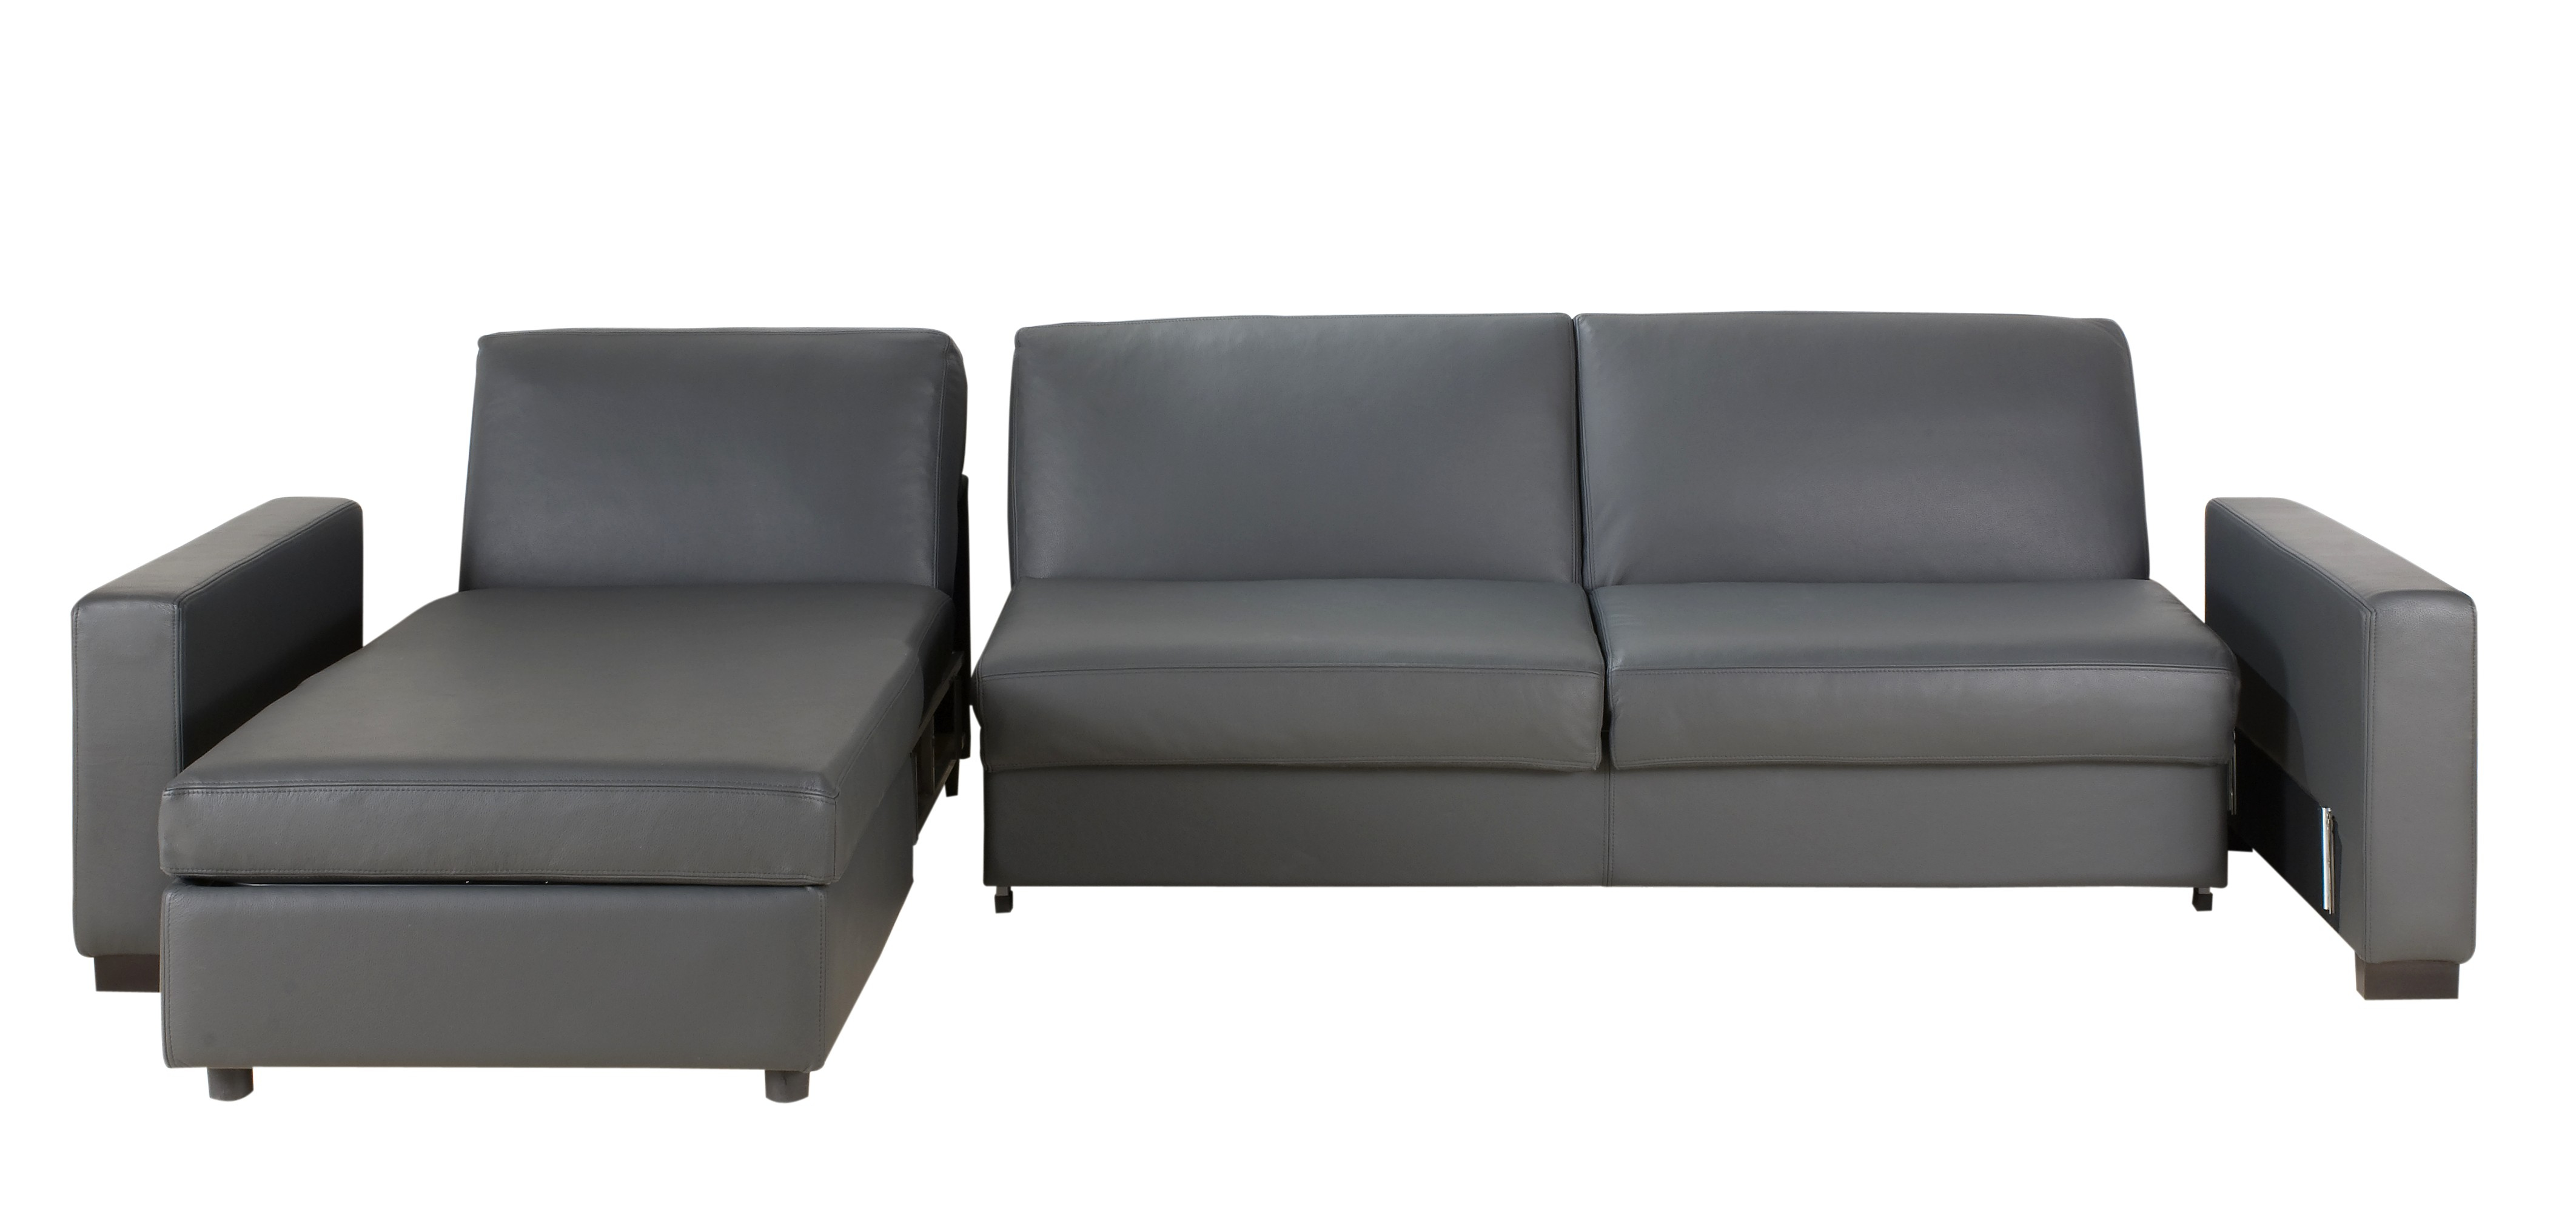 Ikea Canape Angle Convertible Frais Collection Divan Pas Cher 34